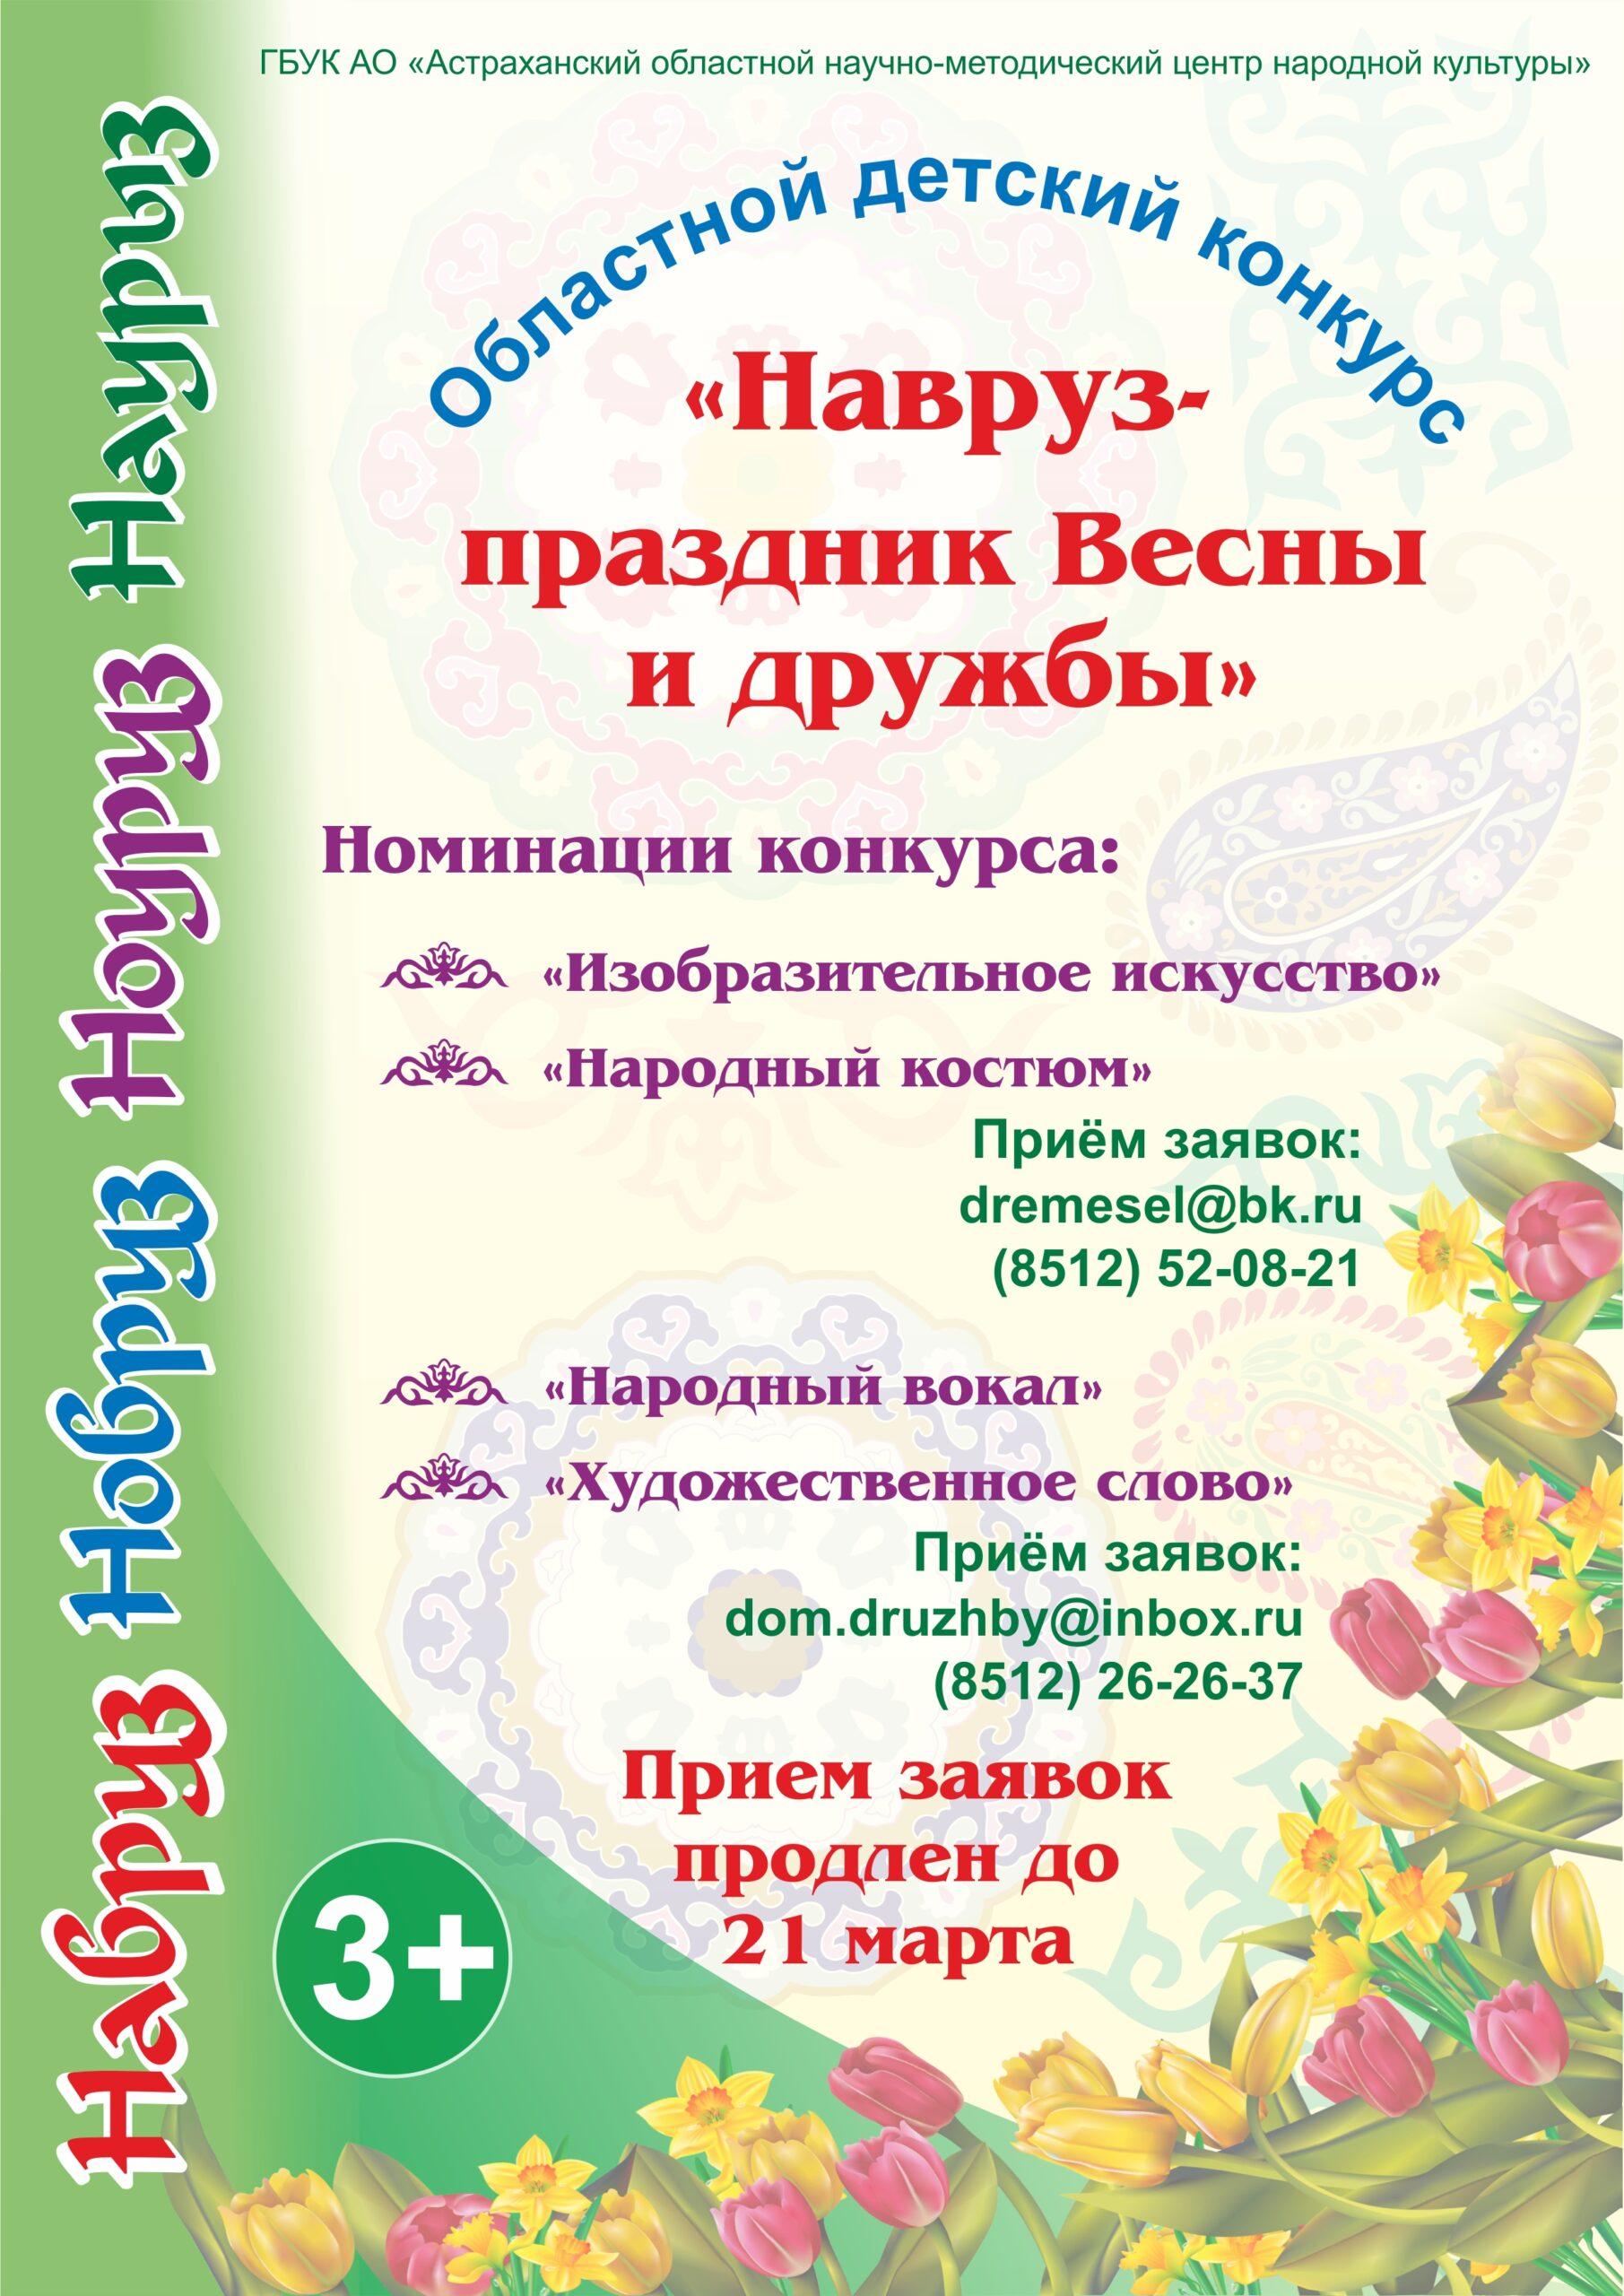 Продлен прием заявок на конкурс «Навруз – праздник весны и дружбы»